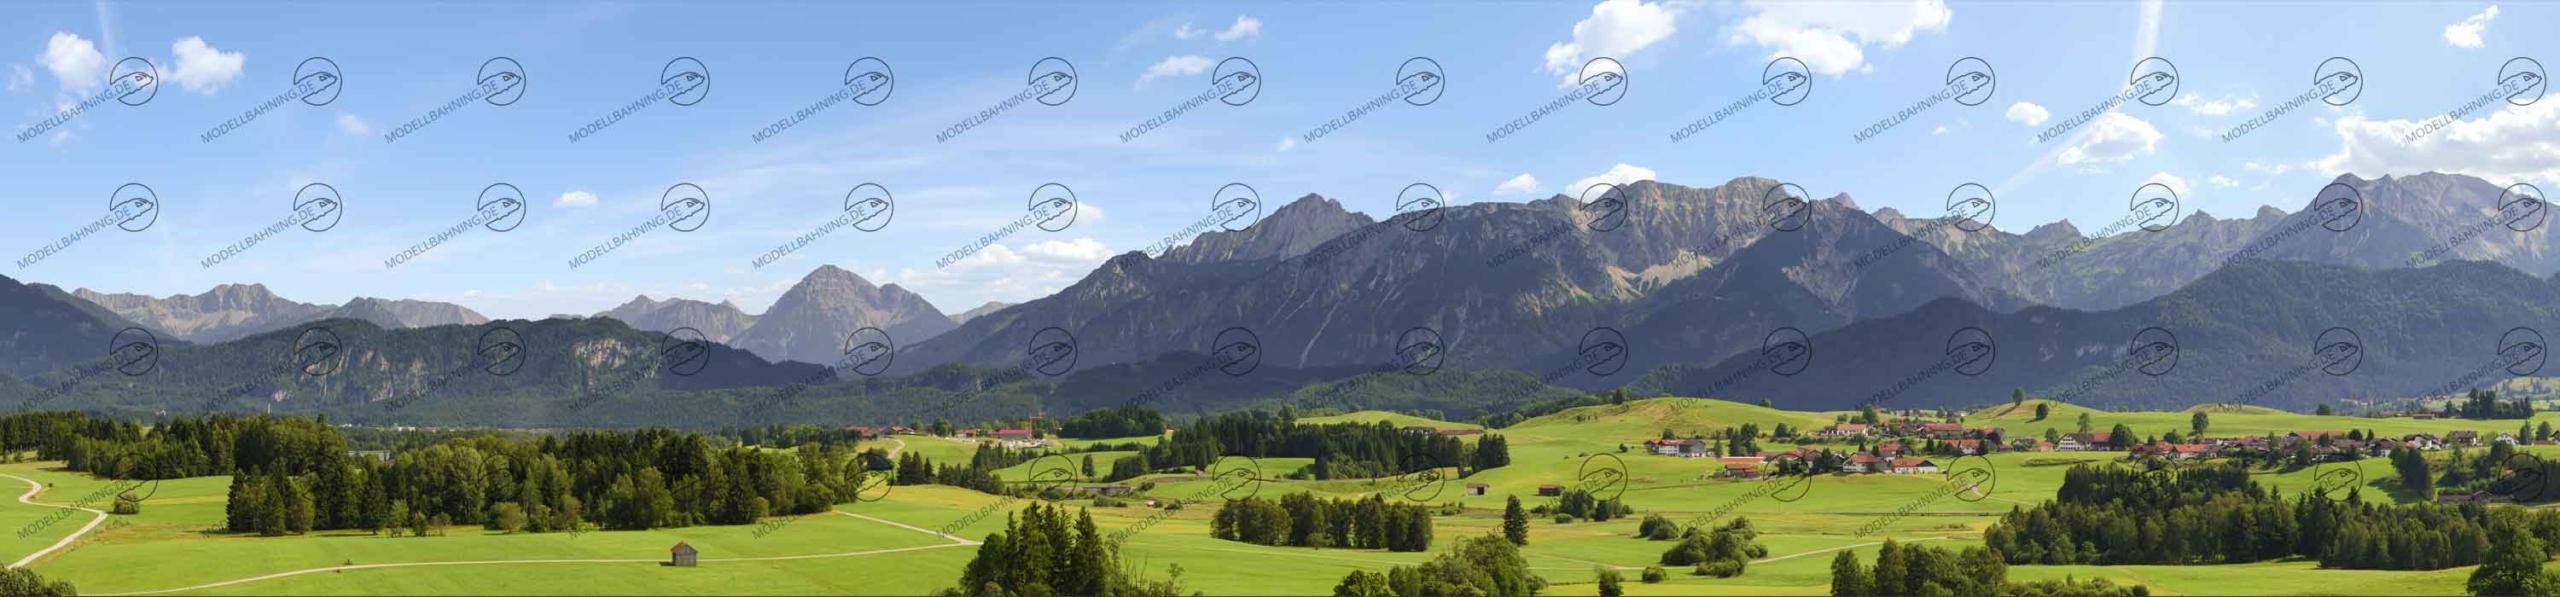 """Allgäu Teil 2 """"Wiesen vor Alpenpanorama"""" – Modellbahn Hintergrund 300cm x 70 cm 1"""